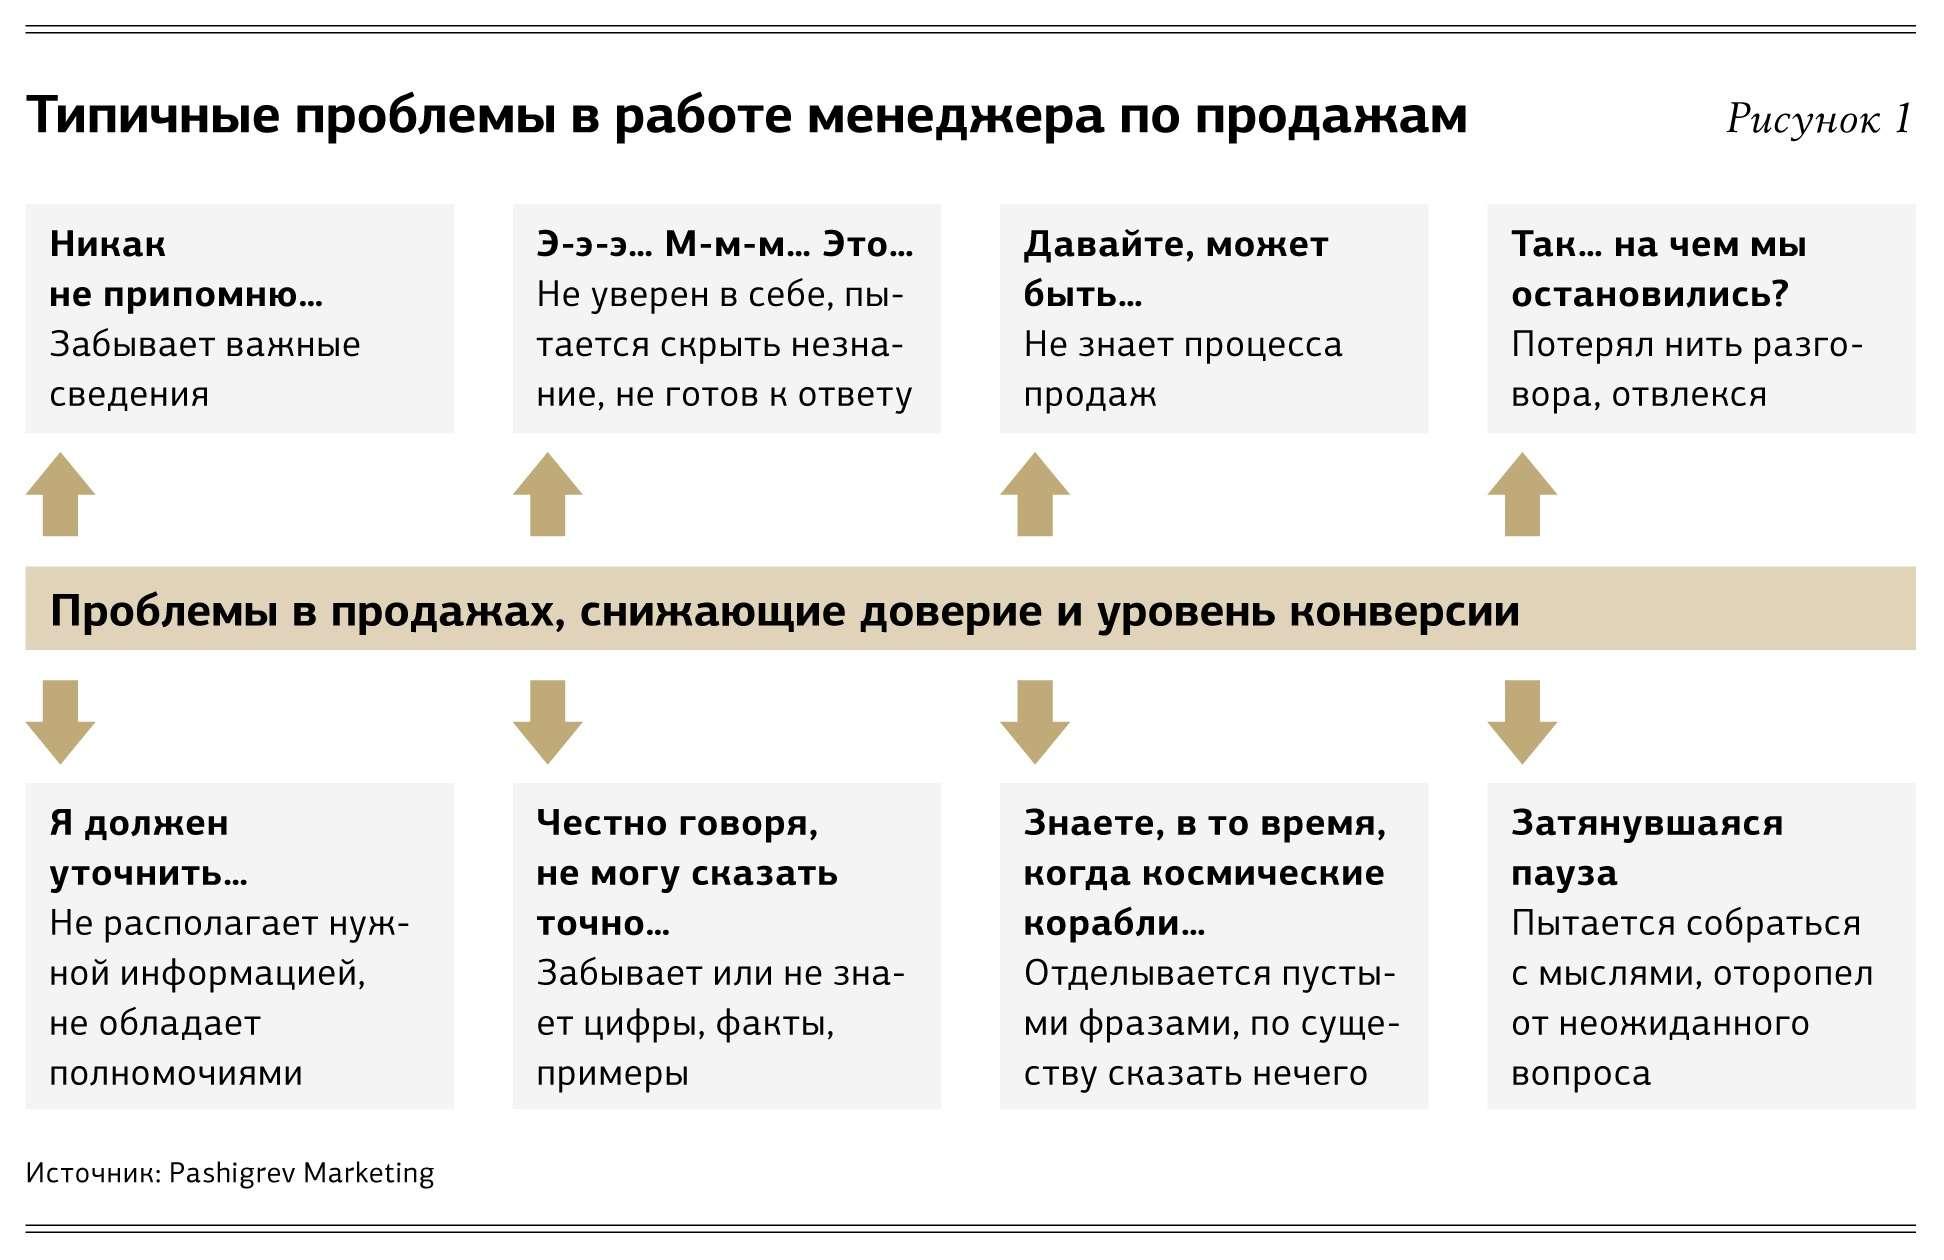 Схемы работы менеджеров